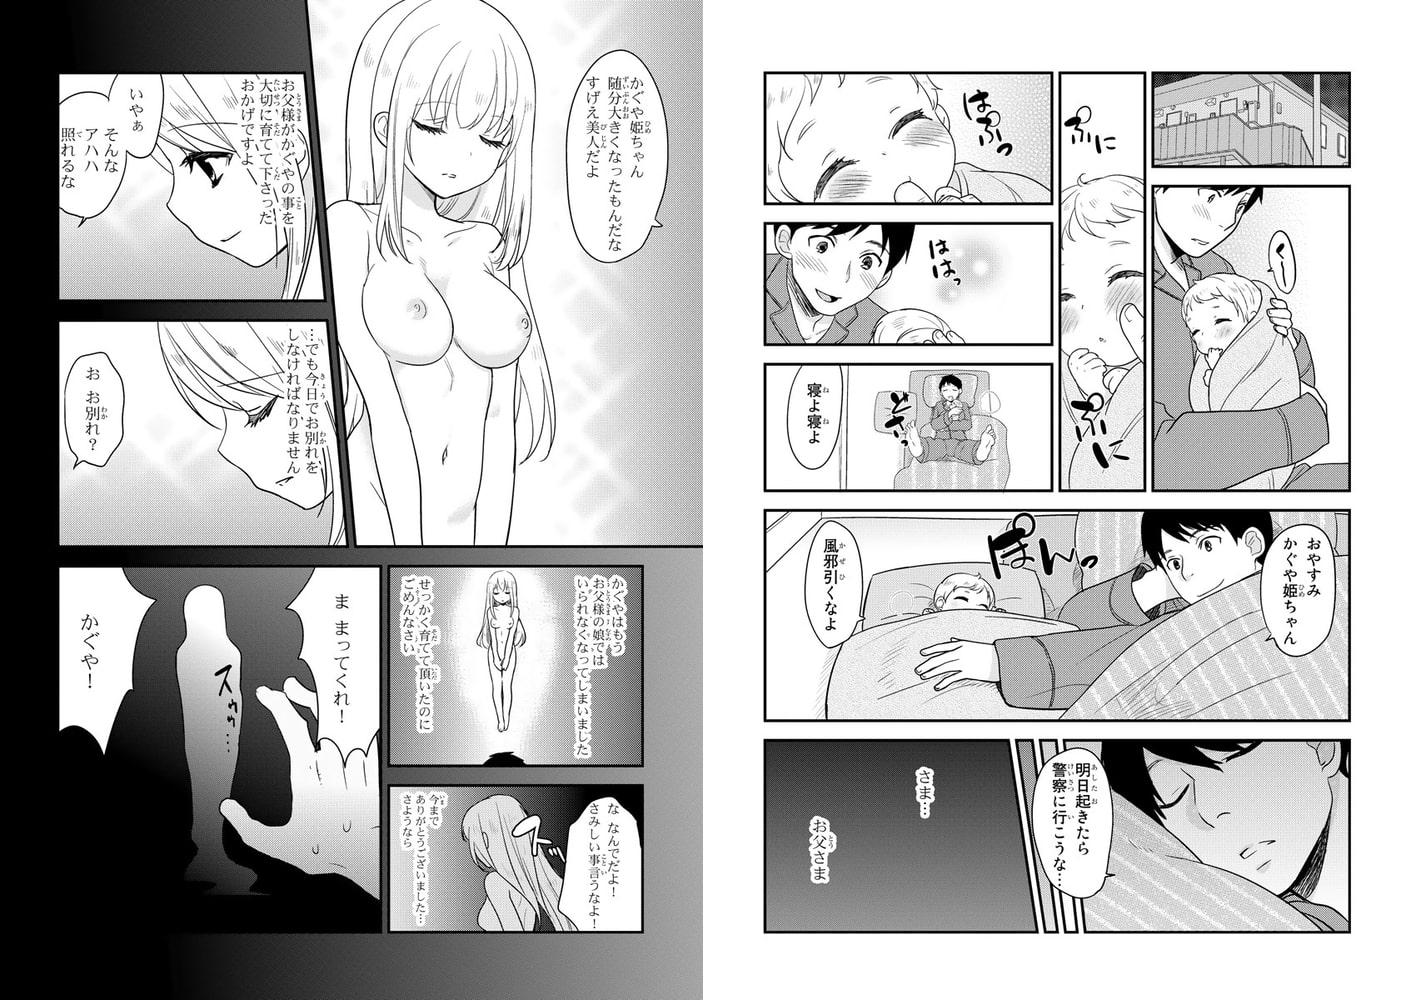 ベッドでかぐや姫ヲ育てる方法 1巻